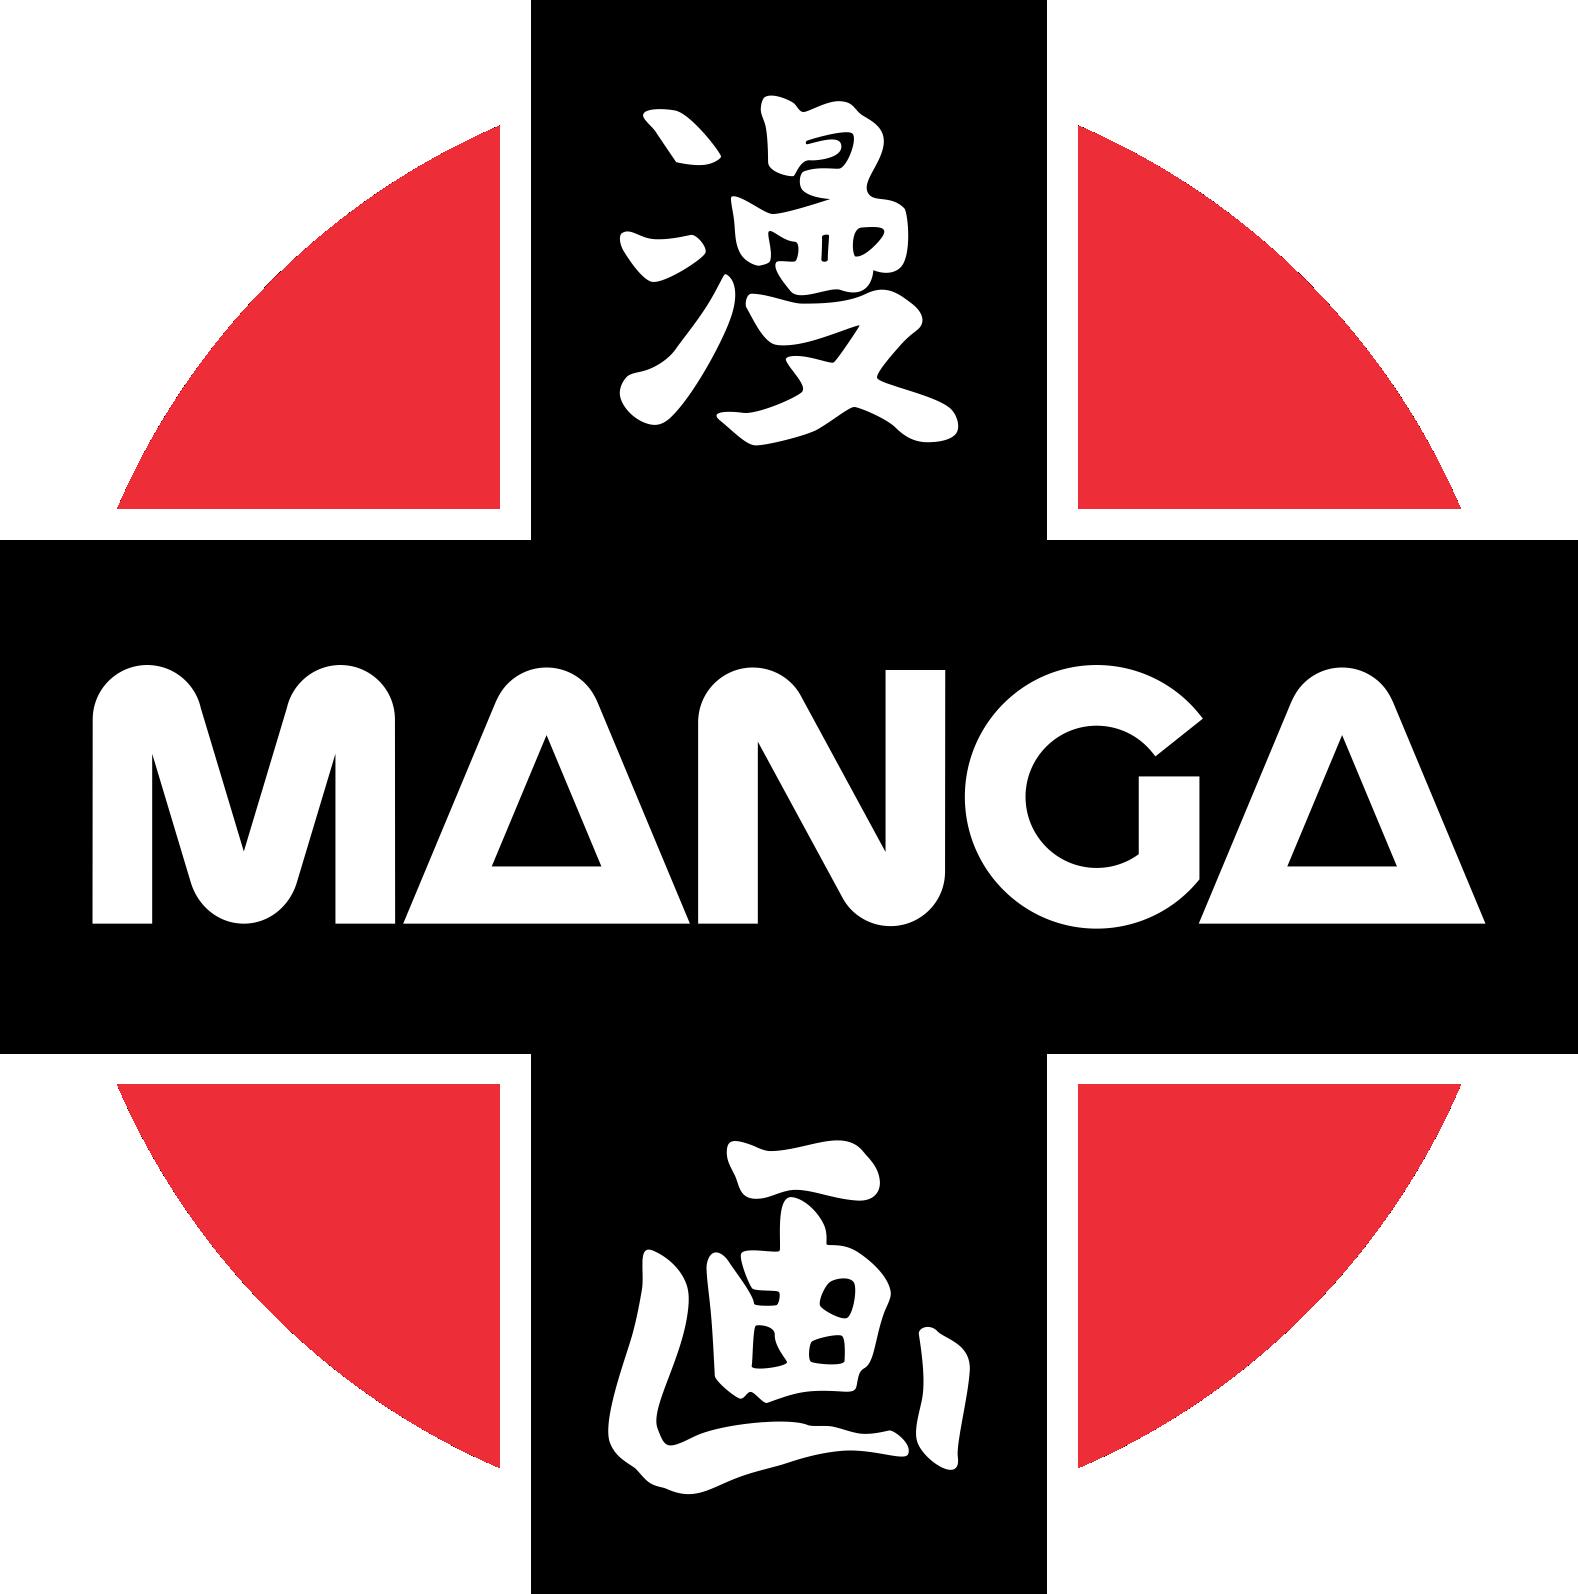 logo manga